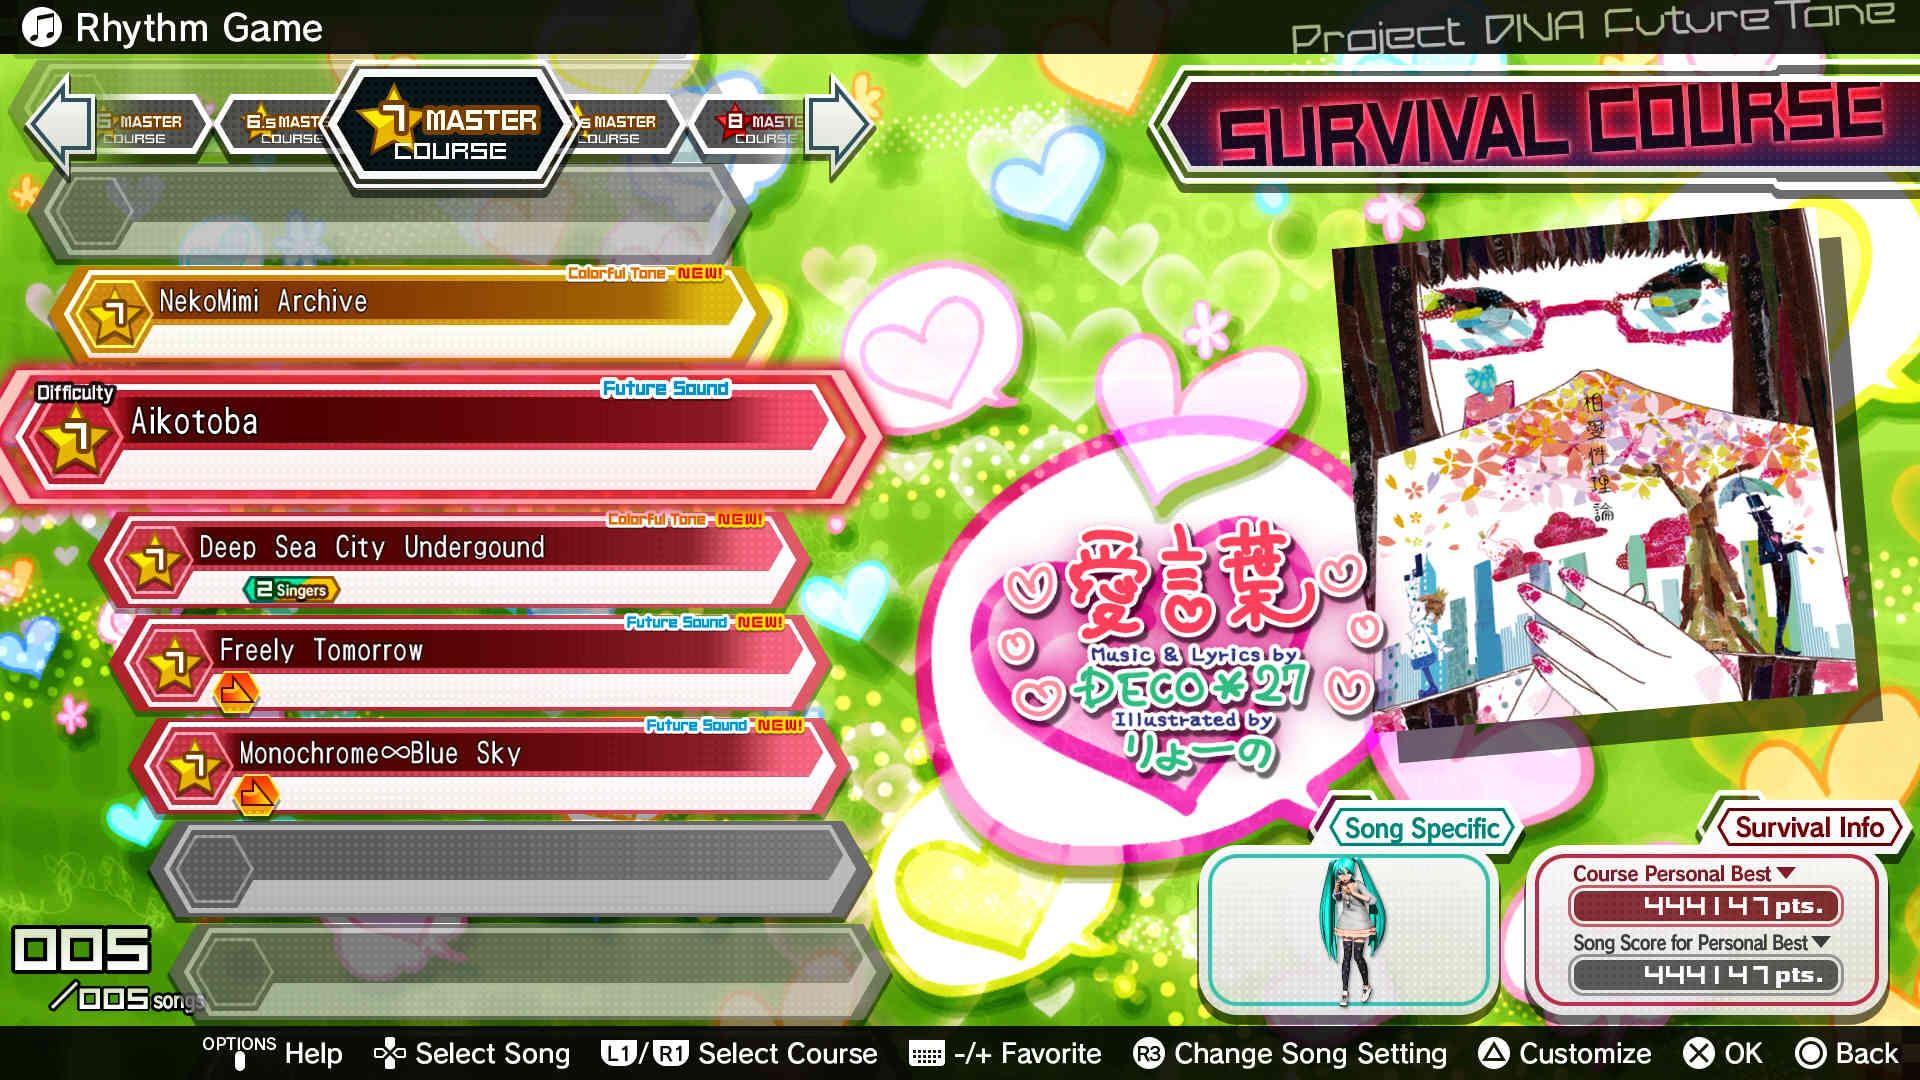 Hatsune Miku: Project Diva Future Tone 06